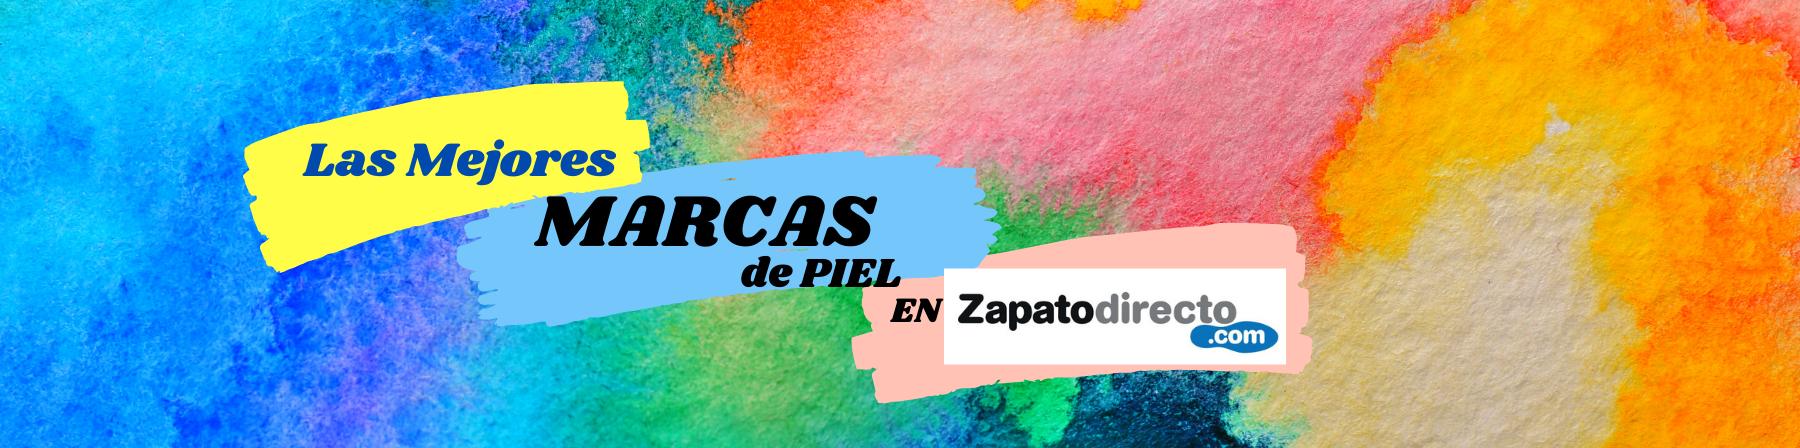 MARCAS DE ZAPATOS PIEL HECHOS EN ESPAÑA